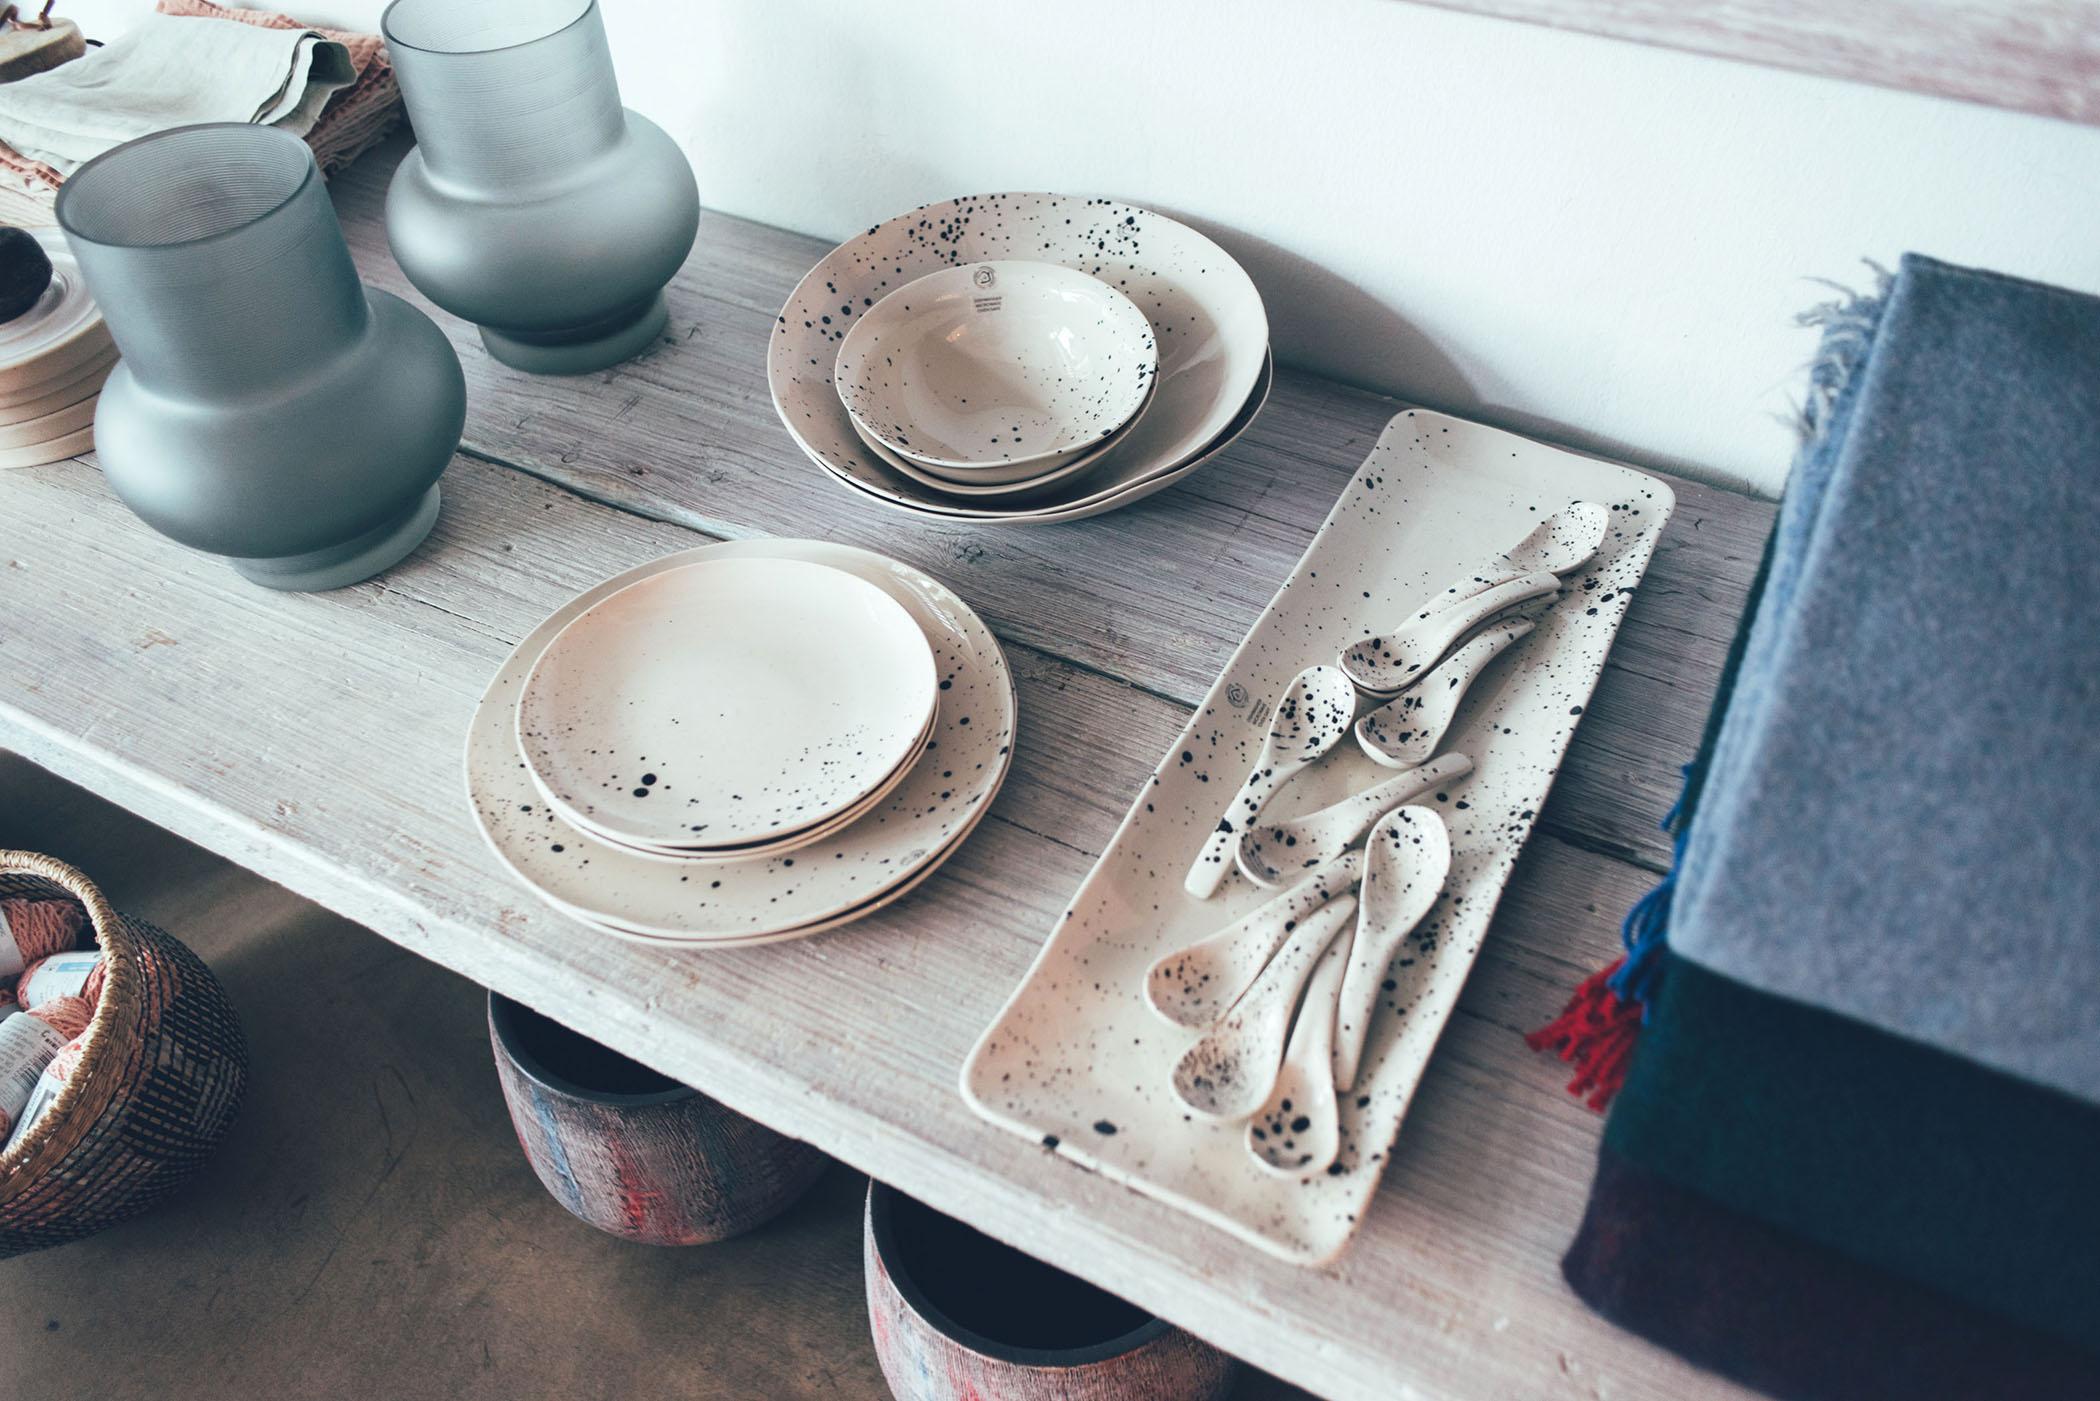 gesprenkelte-keramik-trend